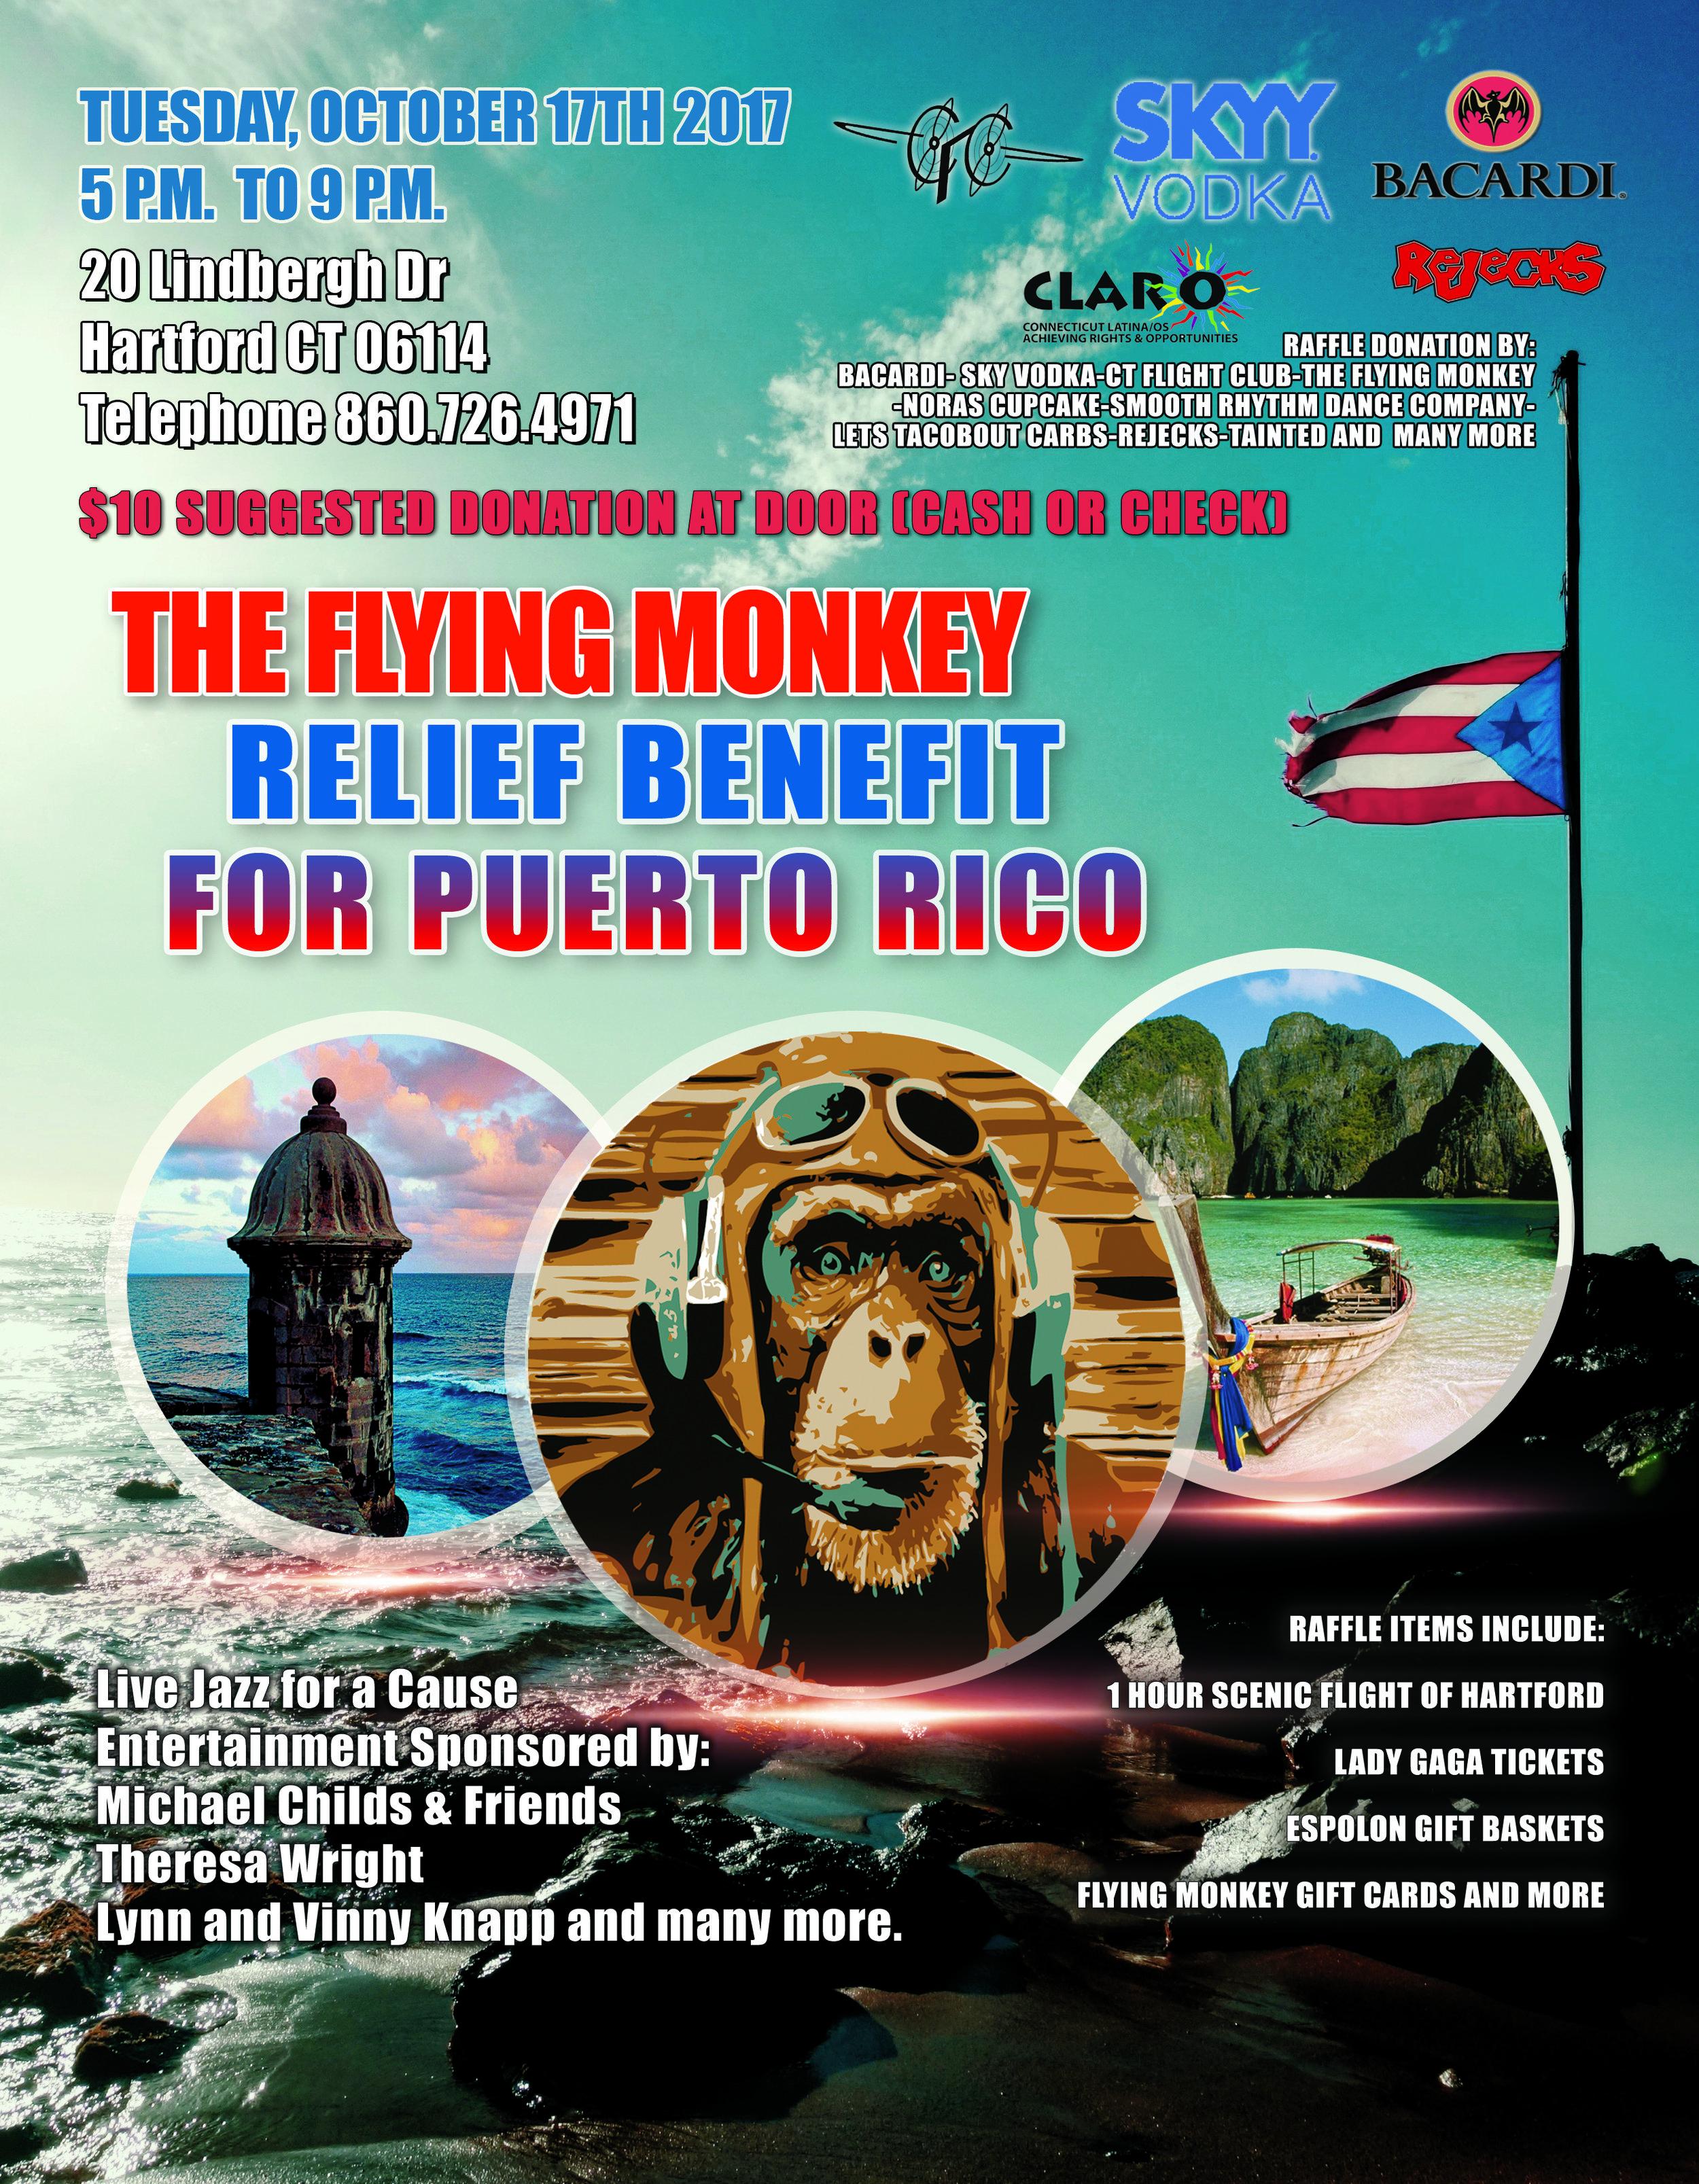 PuertoRicoBenefitRelief.jpg